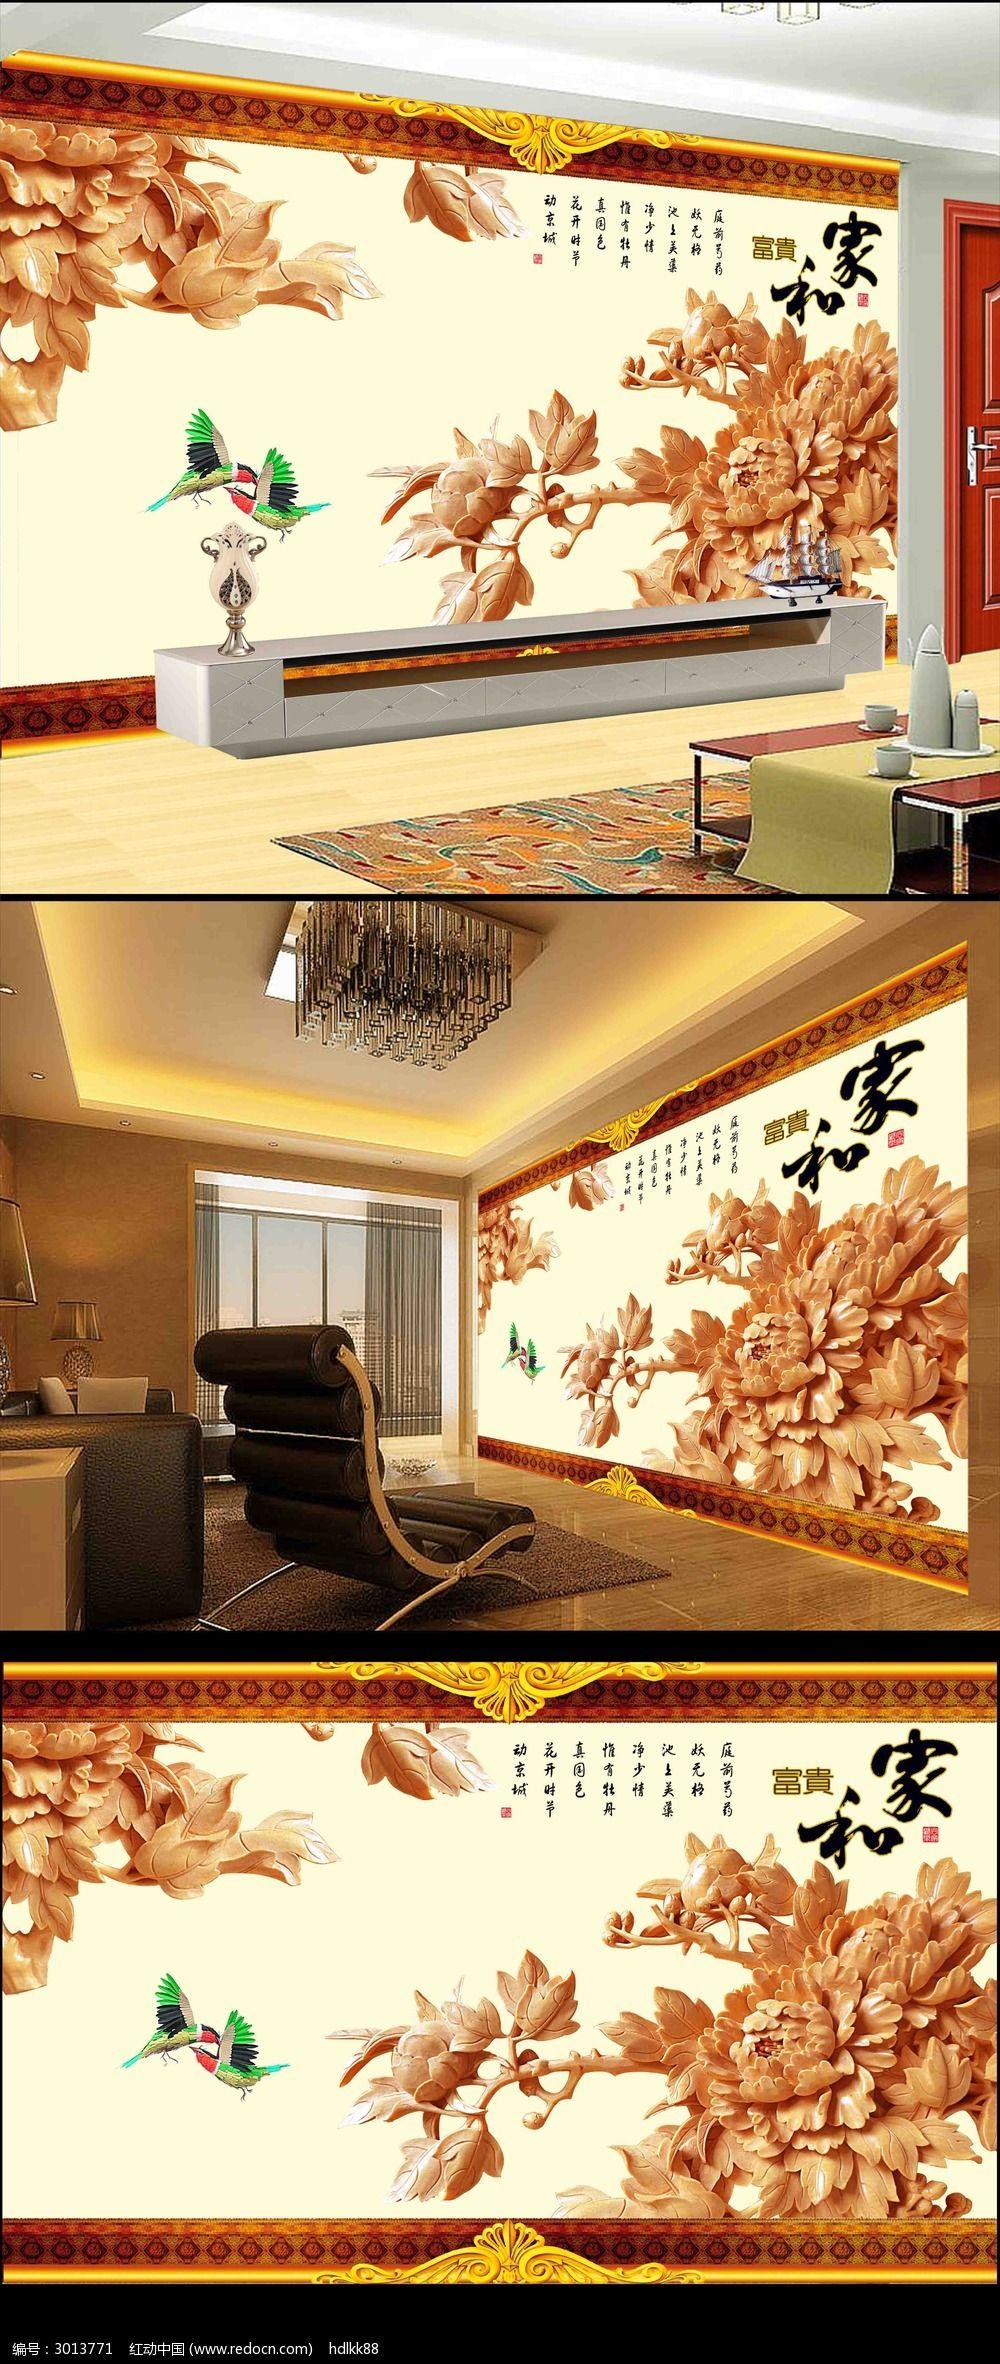 高档3D立体木雕牡丹客厅电视背景墙图片